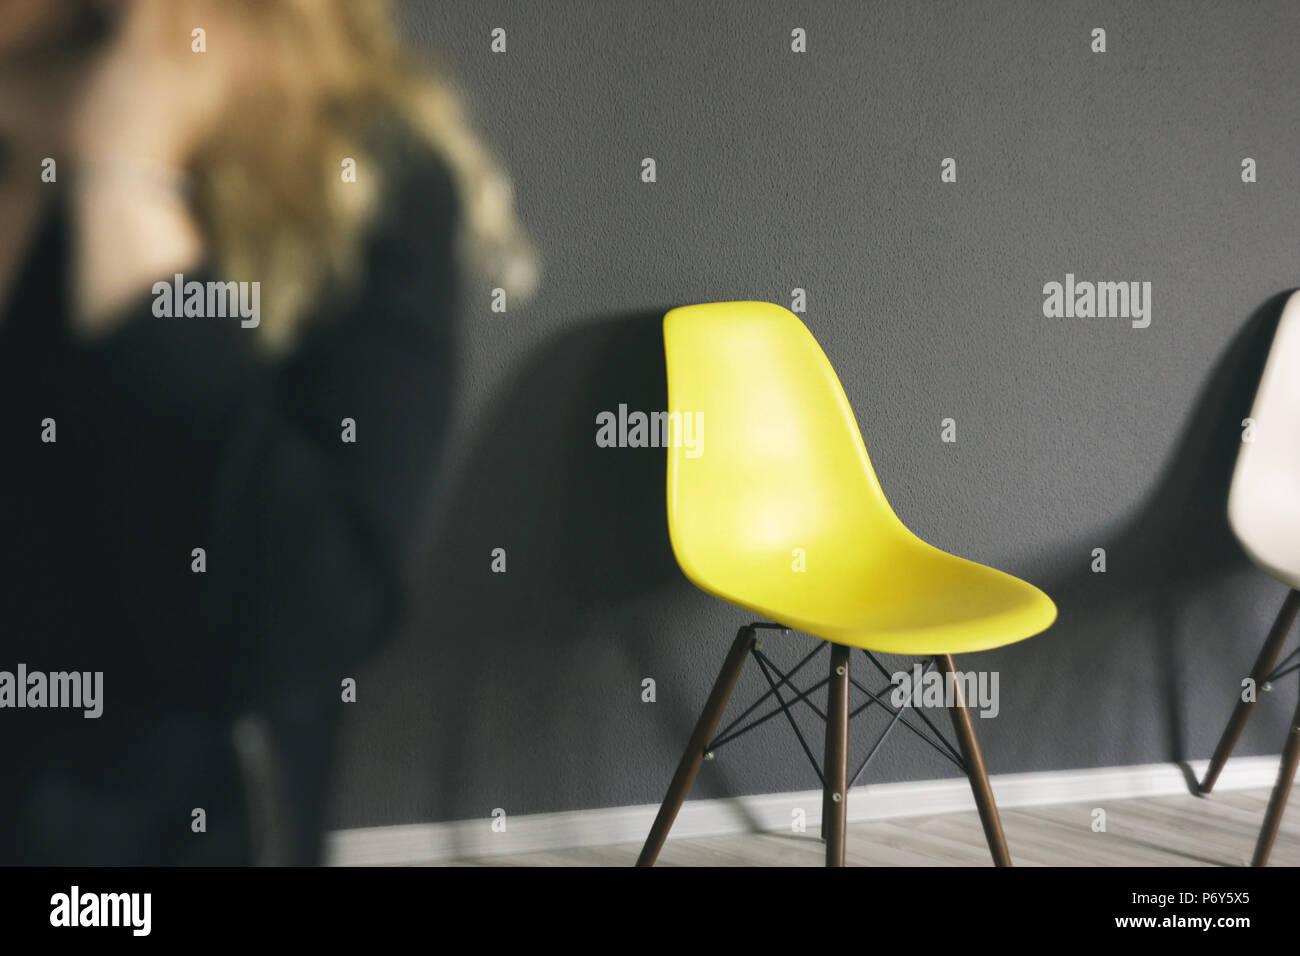 Chaise jaune contre mur noir détails de l intérieur bureau